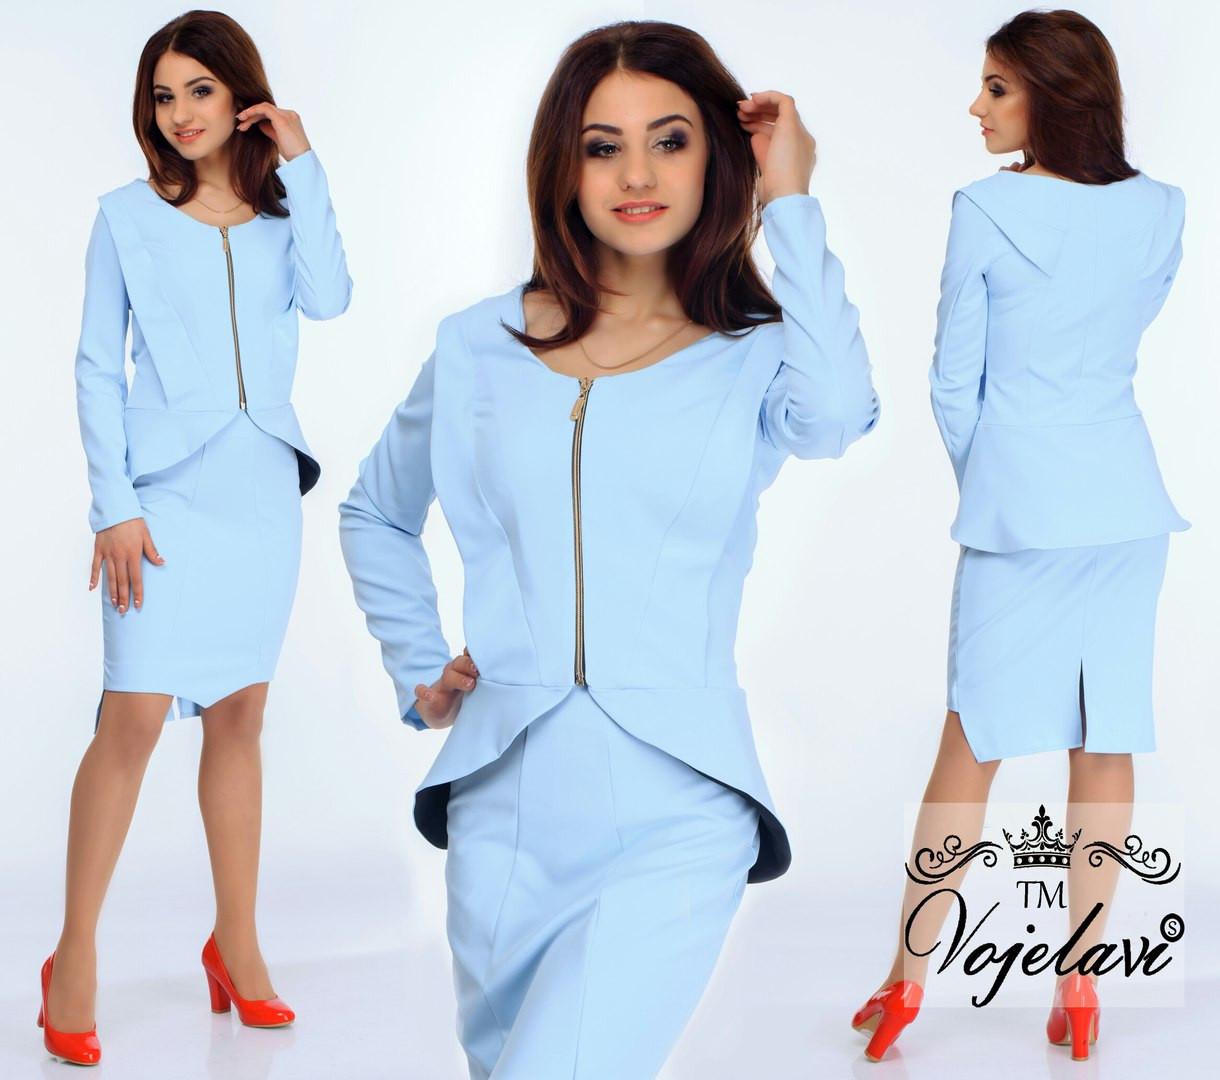 bd83ebf9a96 Стильный женский голубой юбочный костюм